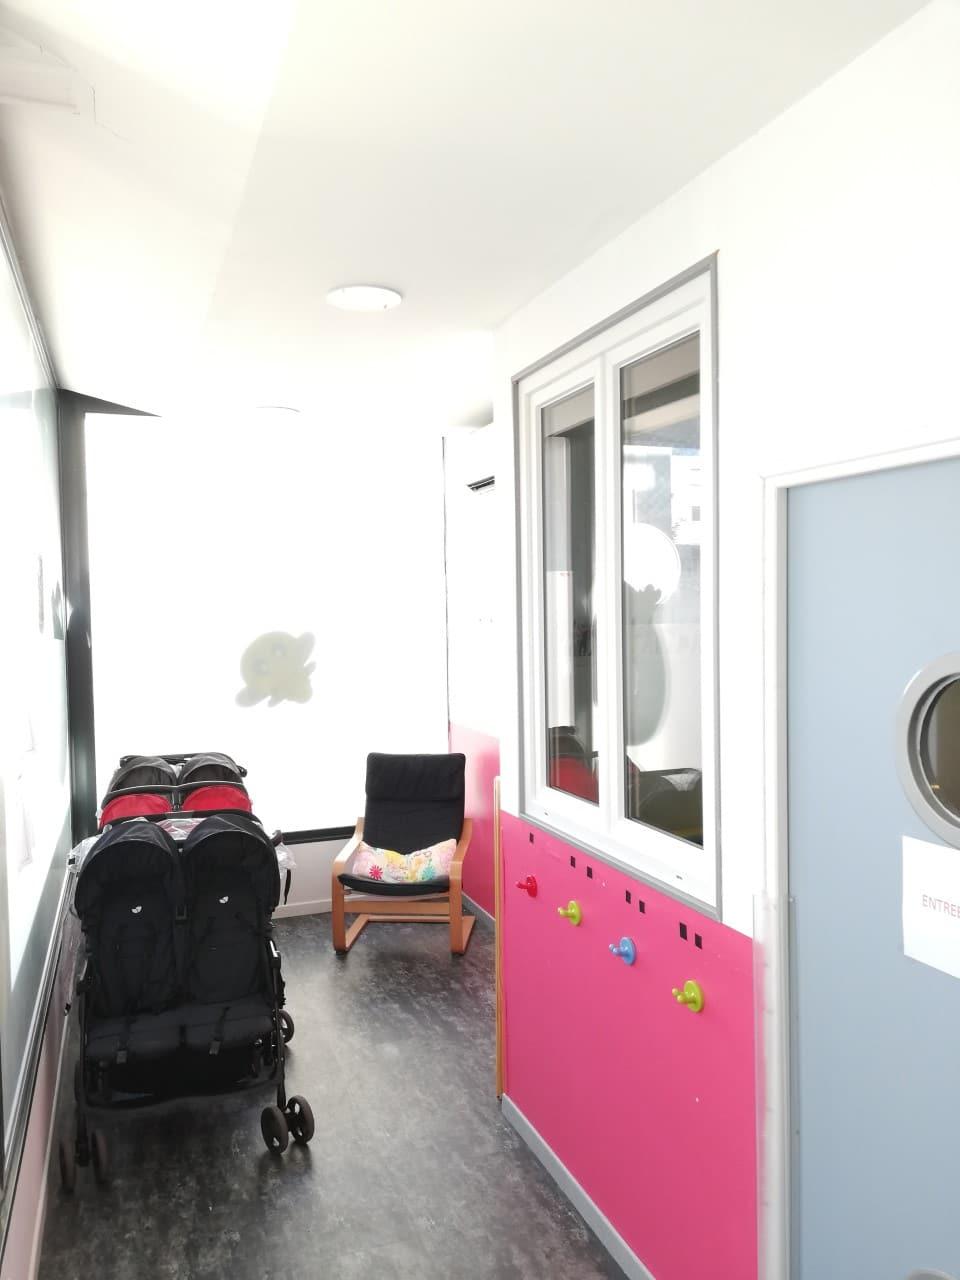 couloirs avec pousettes micro-crèche Fushia Le Havre